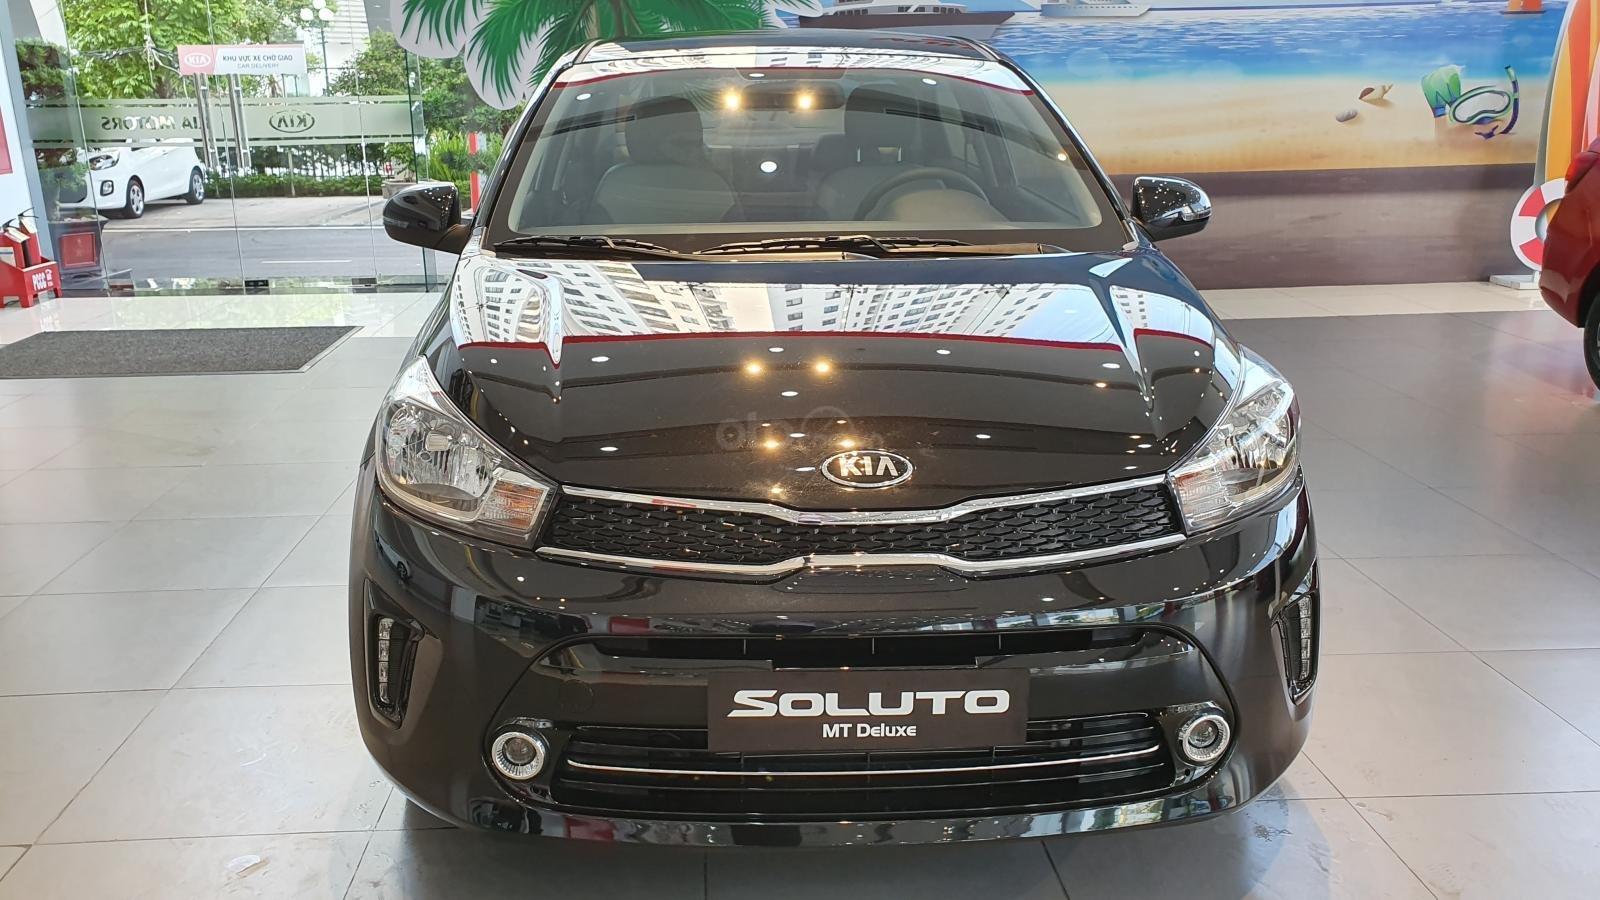 Kia Soluto ưu đãi lên tới 12tr đồng chỉ từ 130tr lấy xe 0981070141 (2)